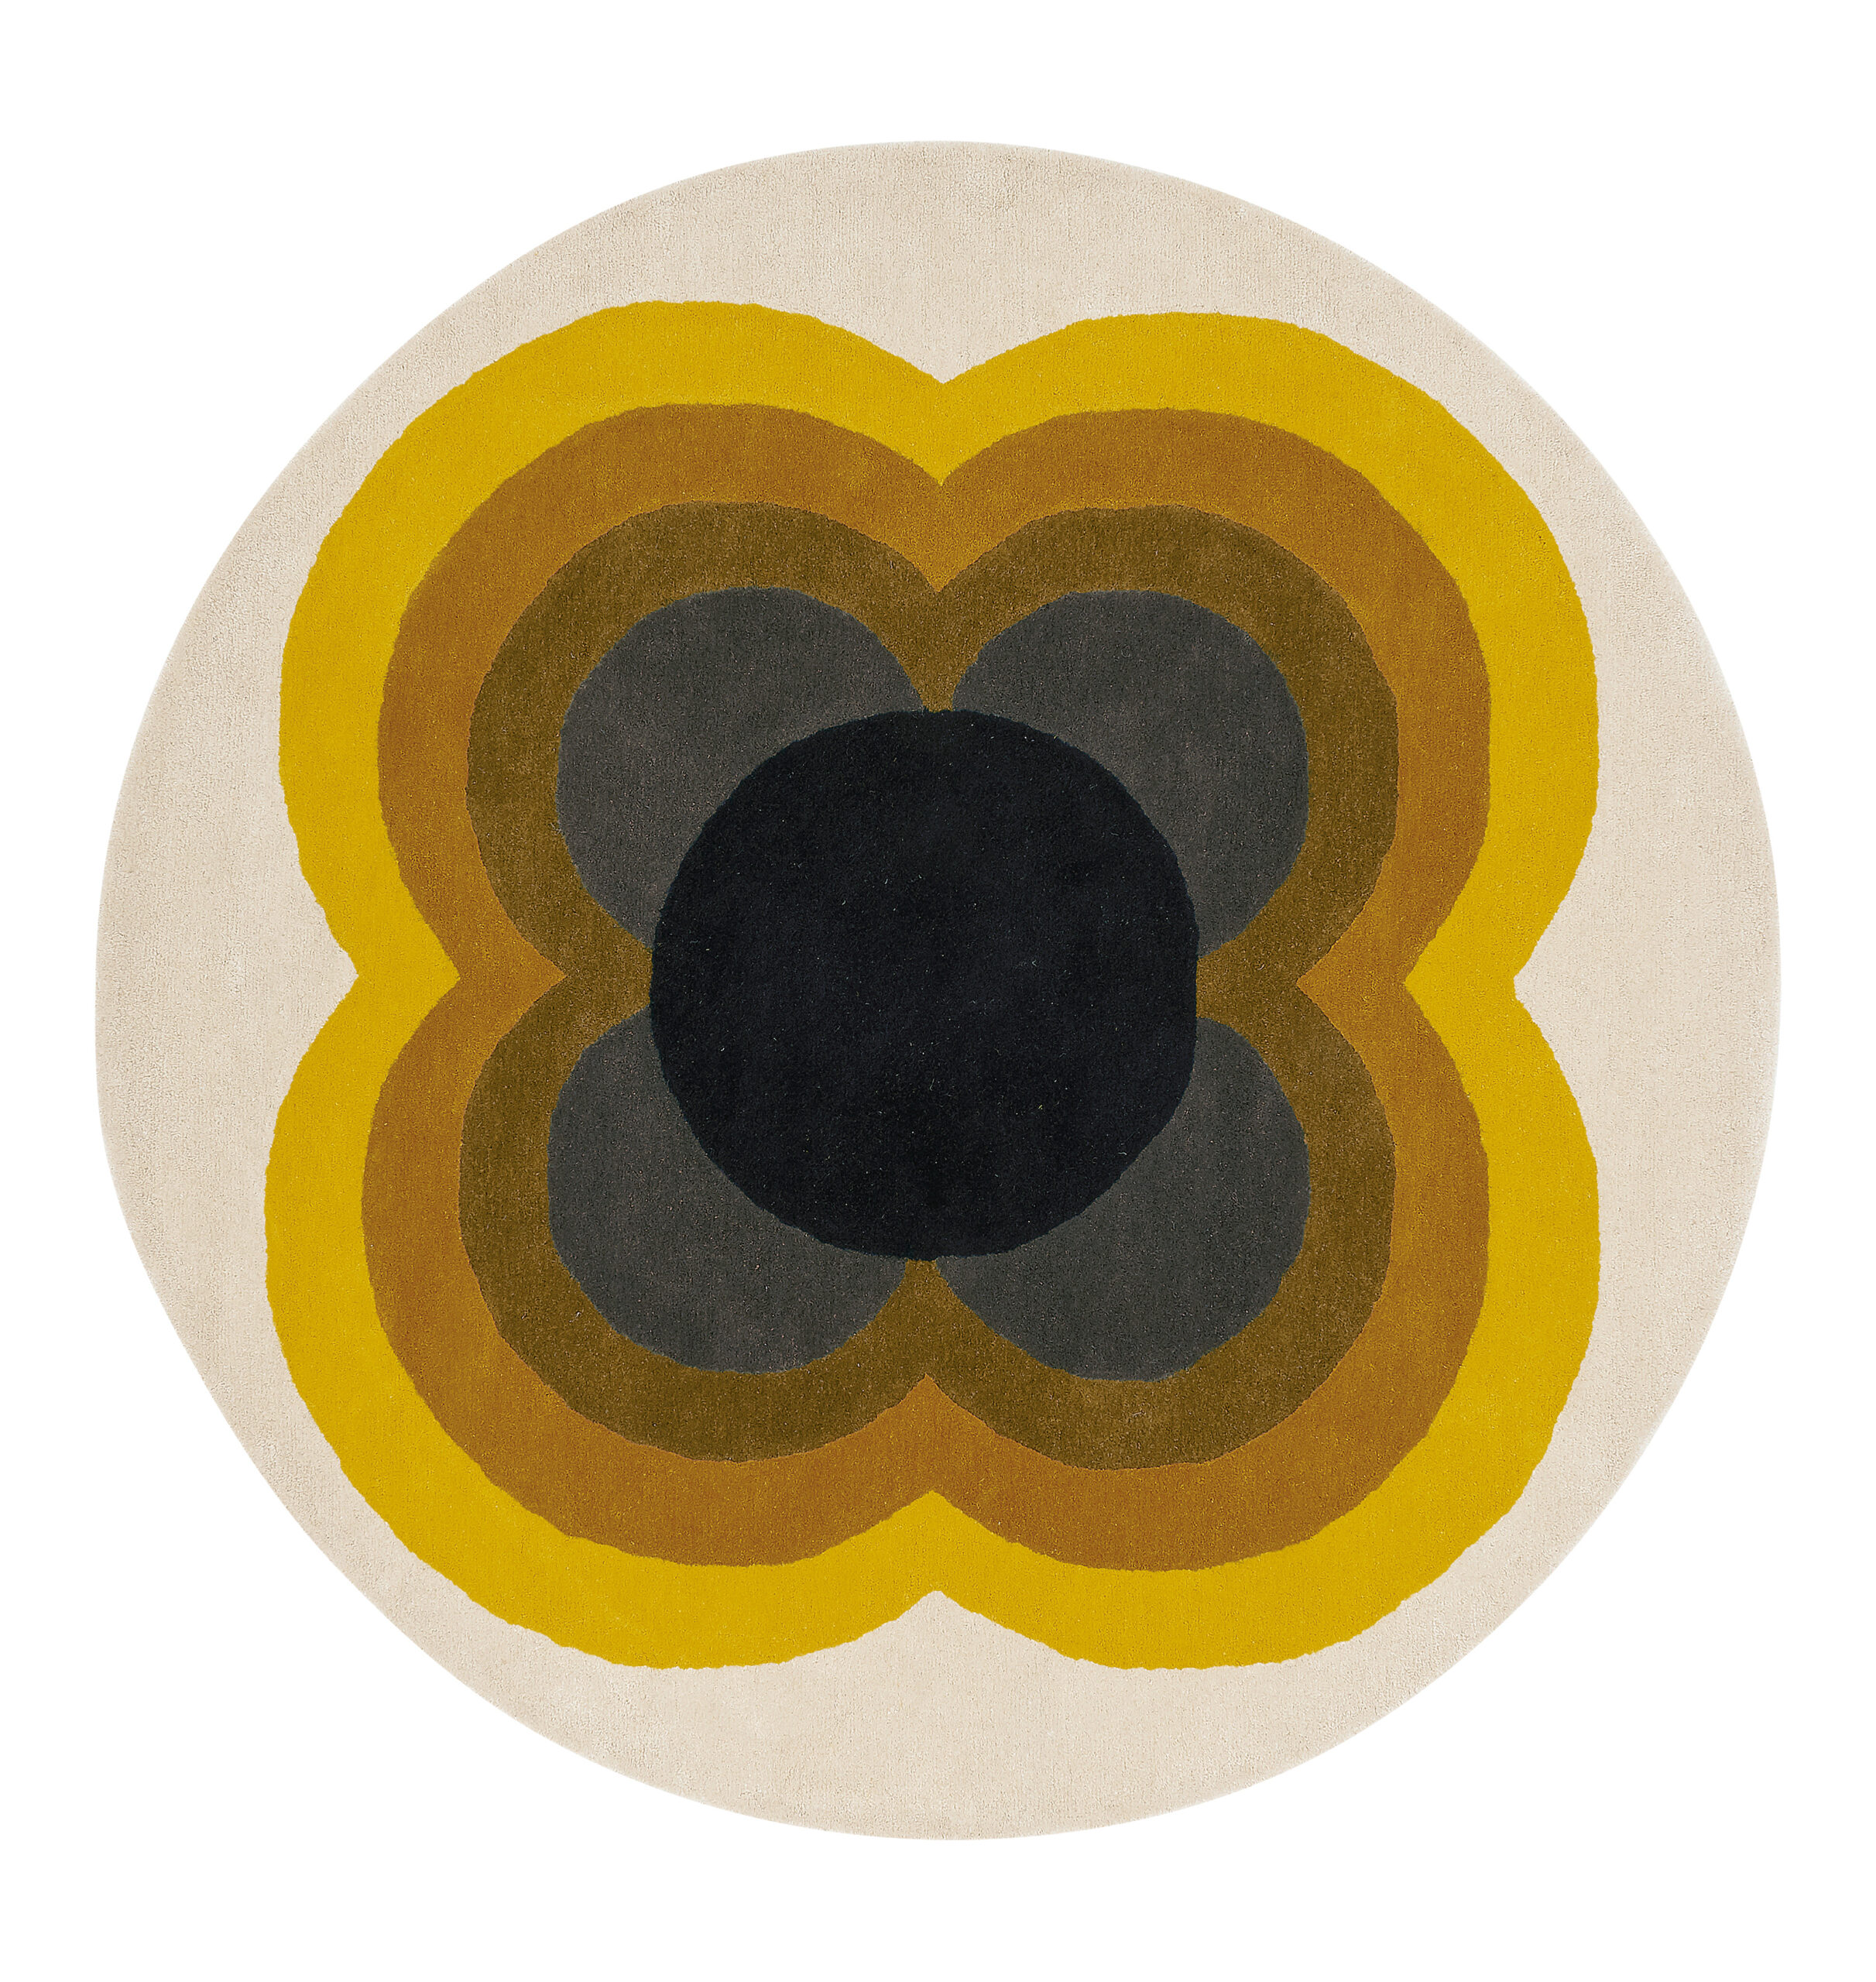 Okrągły Kolorowy Dywan w Kwiaty - SUNFLOWER YELLOW 060006 200x200